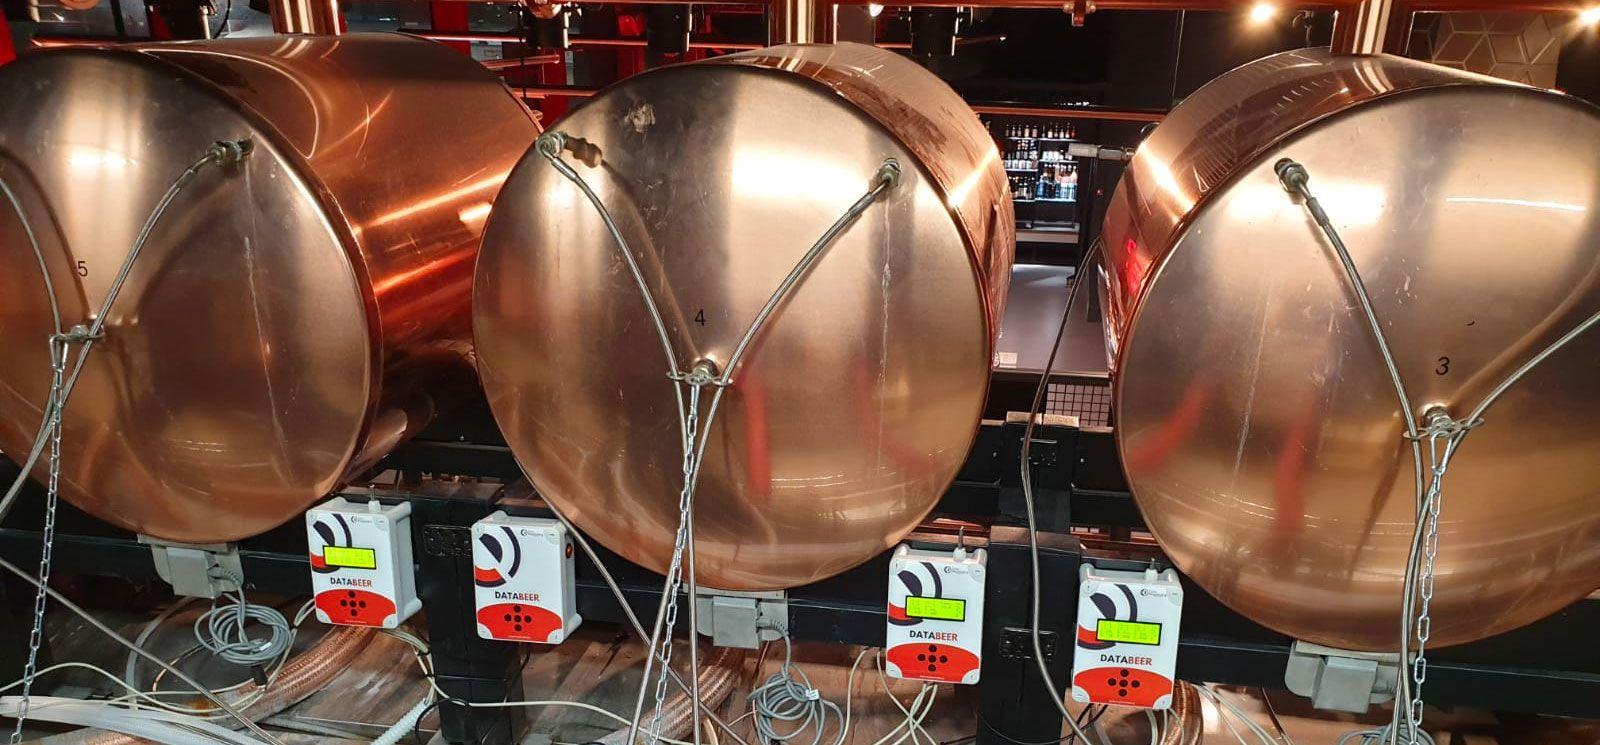 Data Monitoring colabora con Estrella Galicia para asegurar la calidad de su cerveza